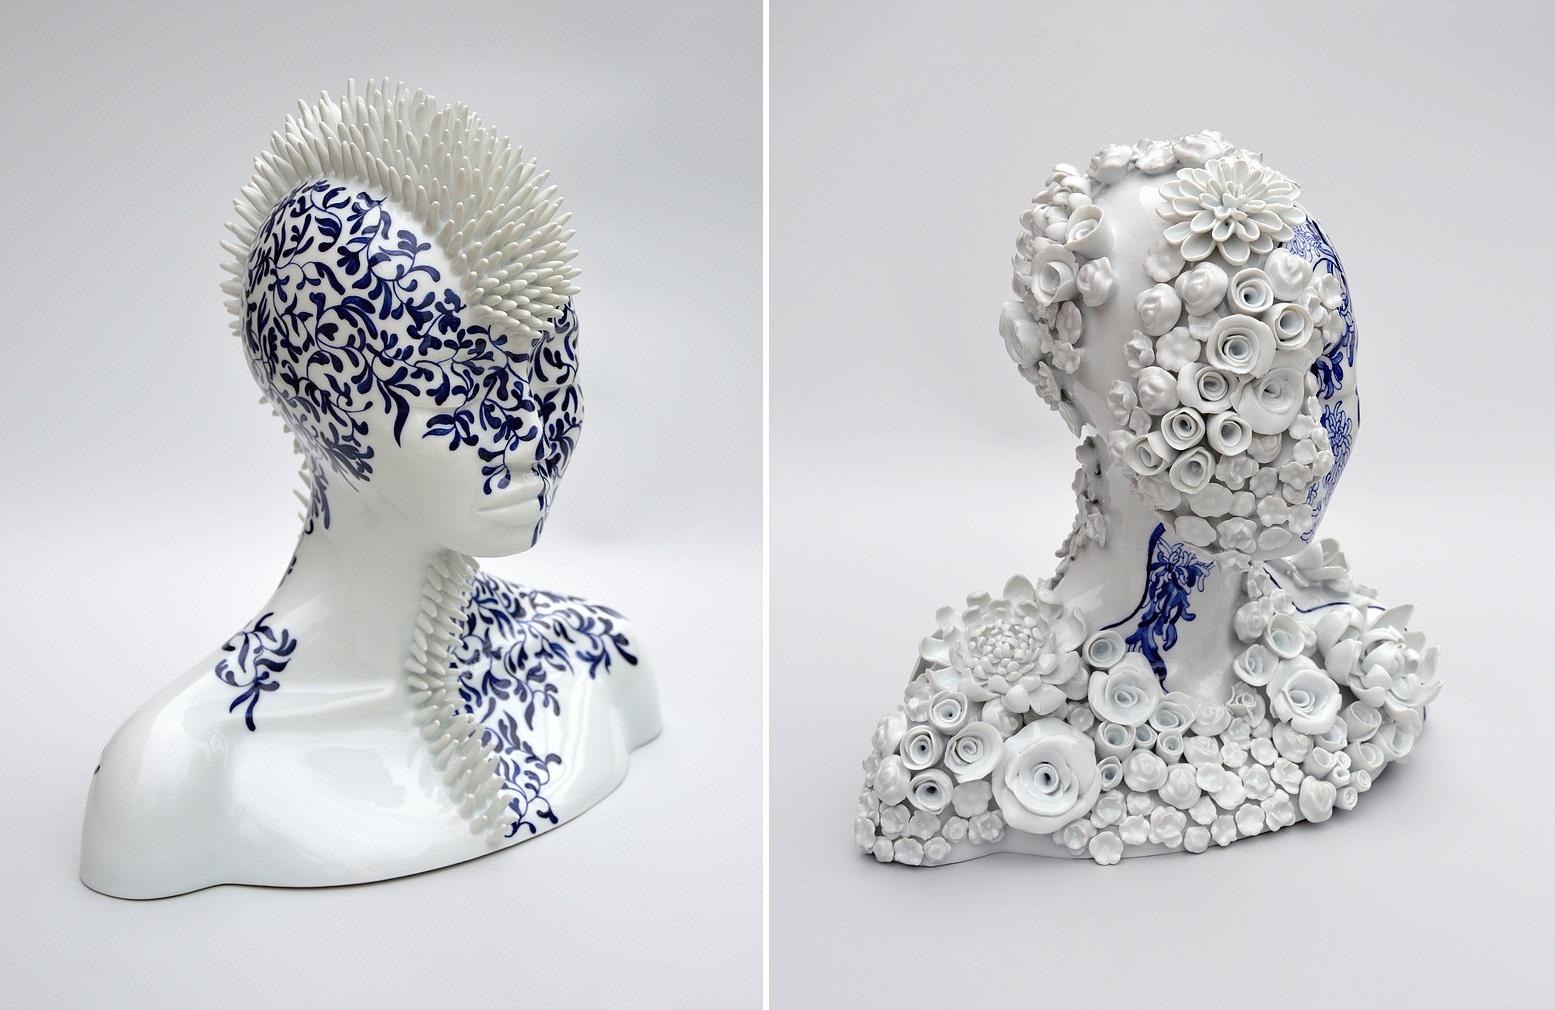 Porcelain Artworks By Juliette Clovis Design Is This